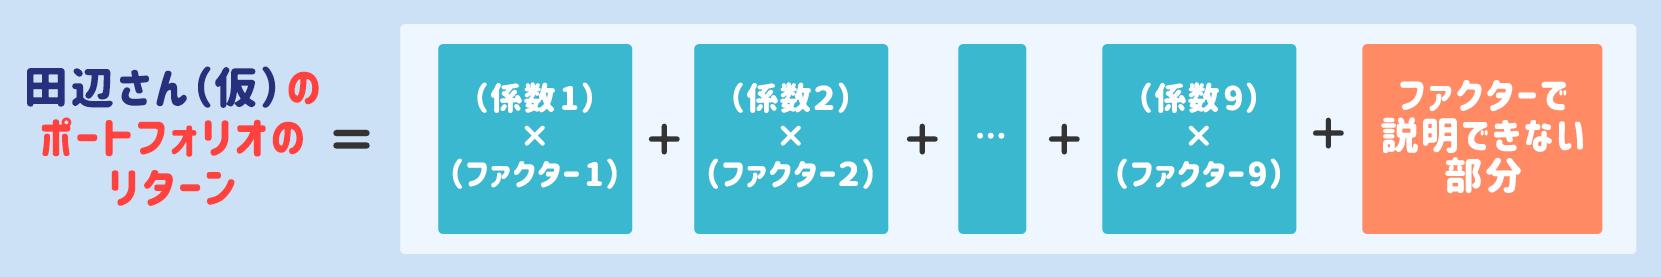 田辺さん(仮)のポートフォリオのリターン=(係数1)✕(ファクター1)+(係数2)✕(ファクター2)+…+(係数9)✕(ファクター9)+ファクターで説明できない部分